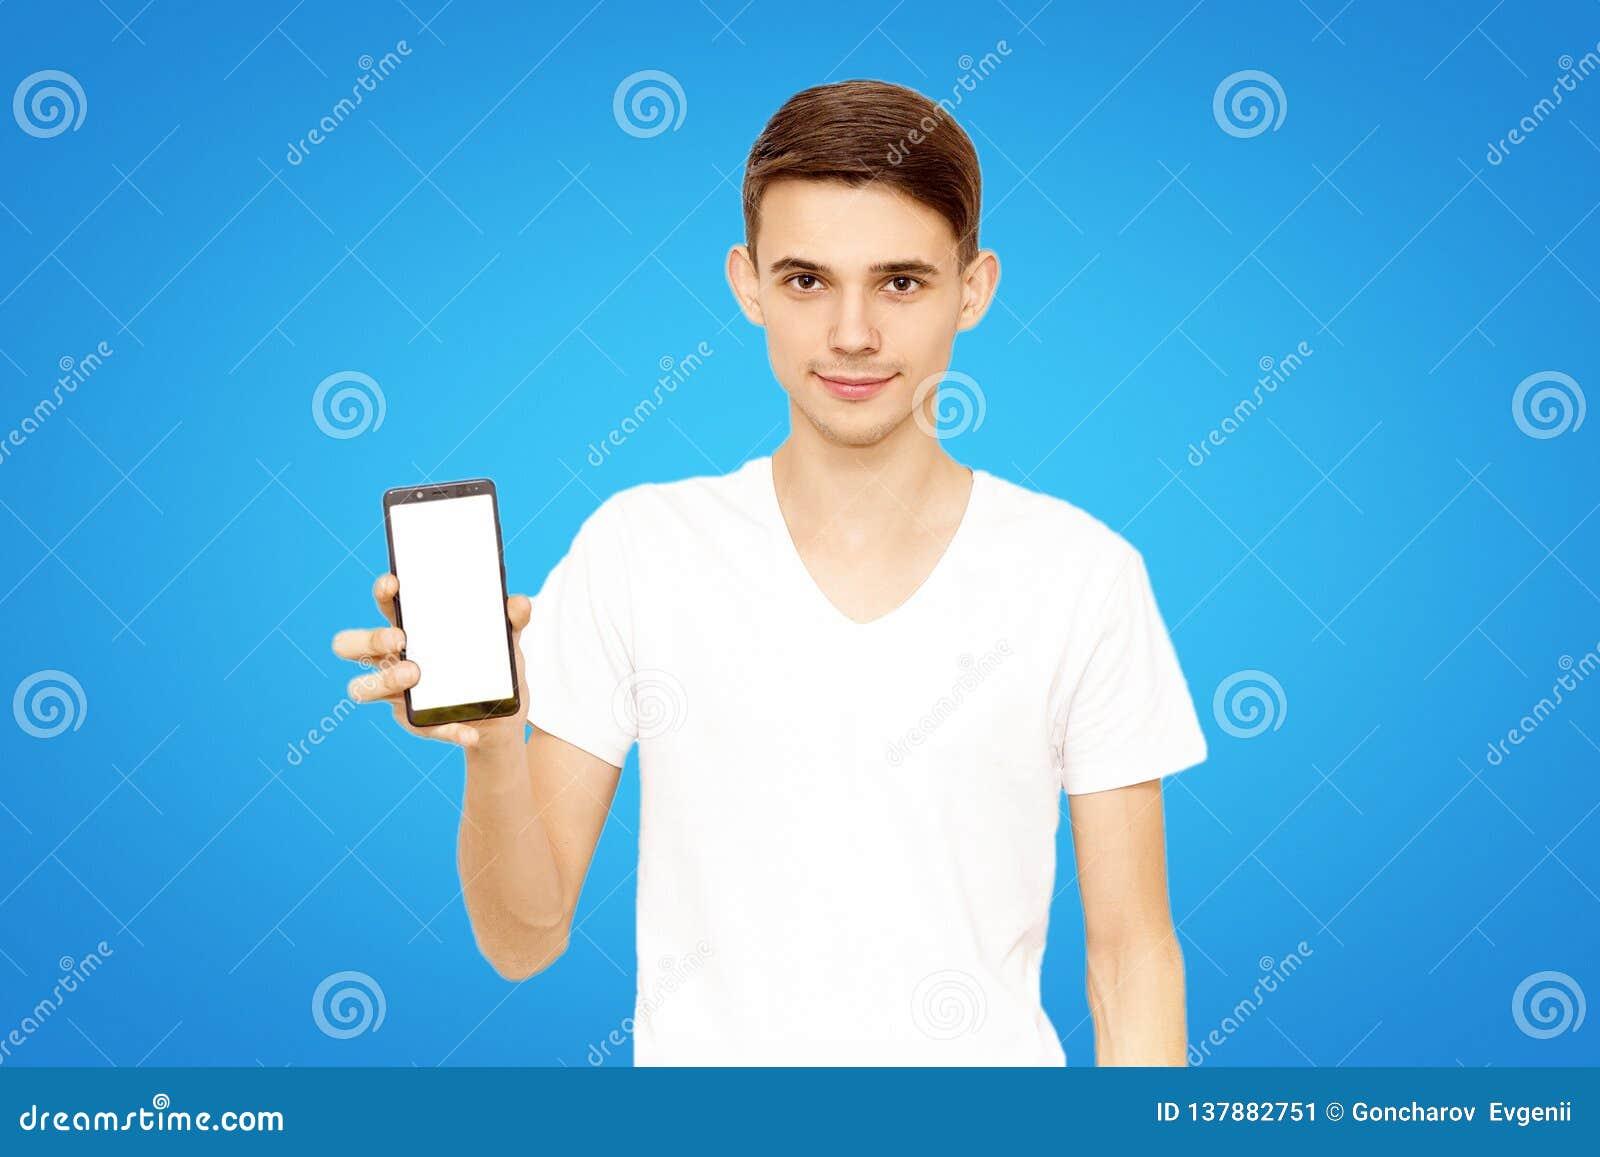 Ο τύπος στην άσπρη μπλούζα διαφημίζει το τηλέφωνο, σε ένα μπλε υπόβαθρο στο στούντιο